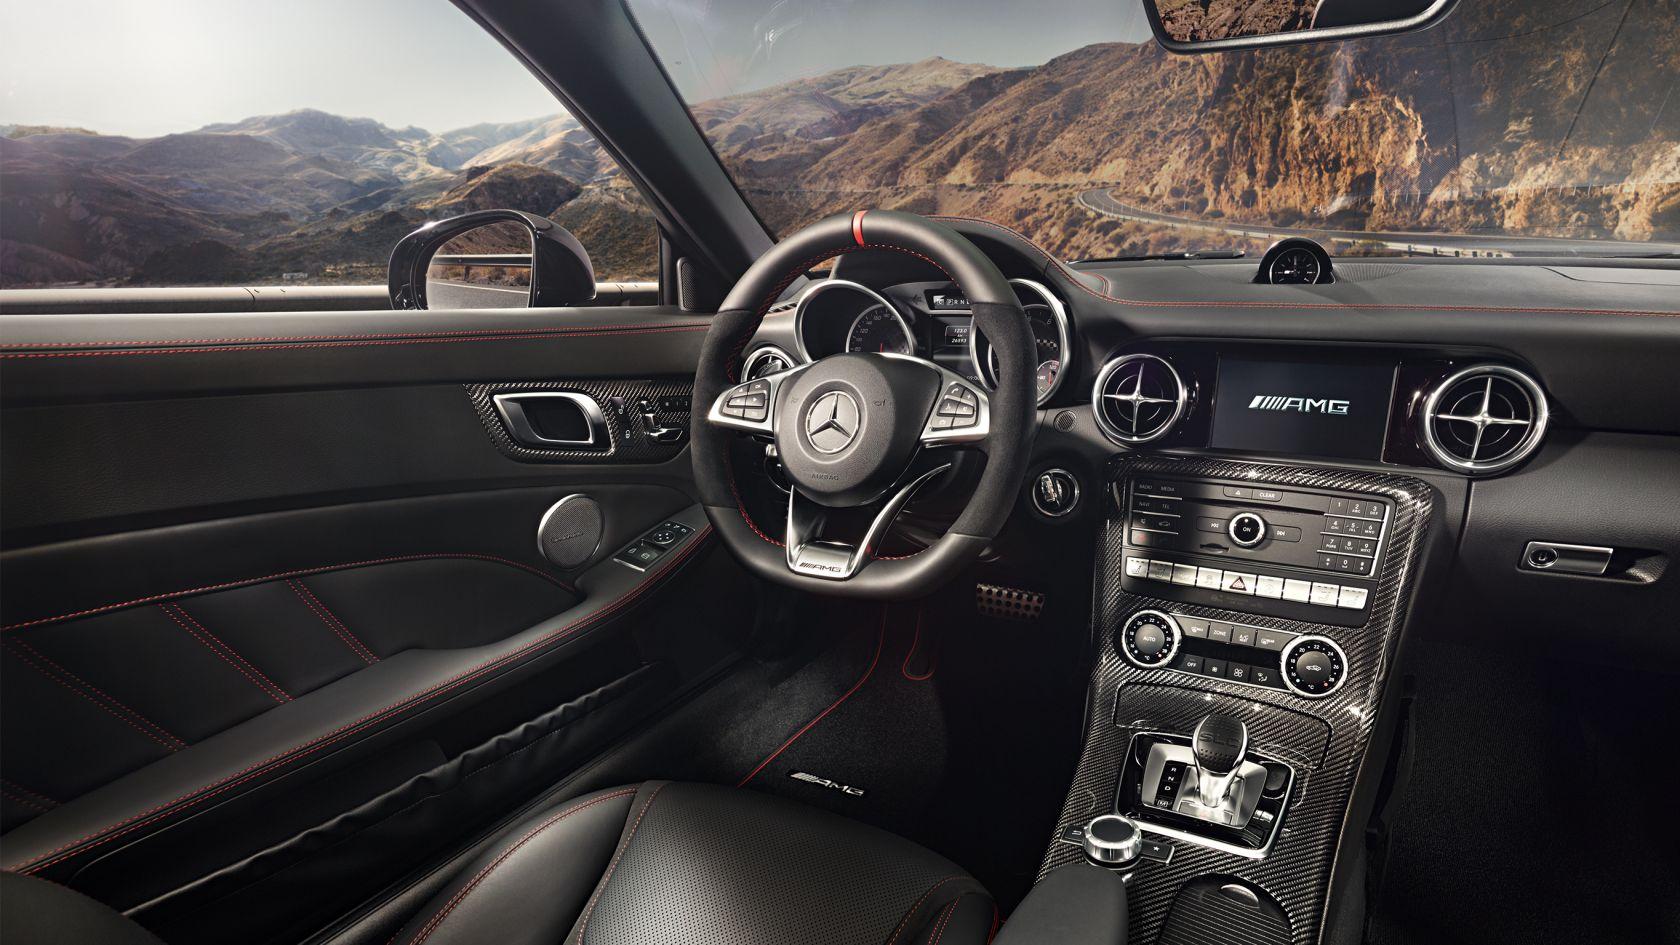 Mercedes-Benz SLC Roadster Concesur